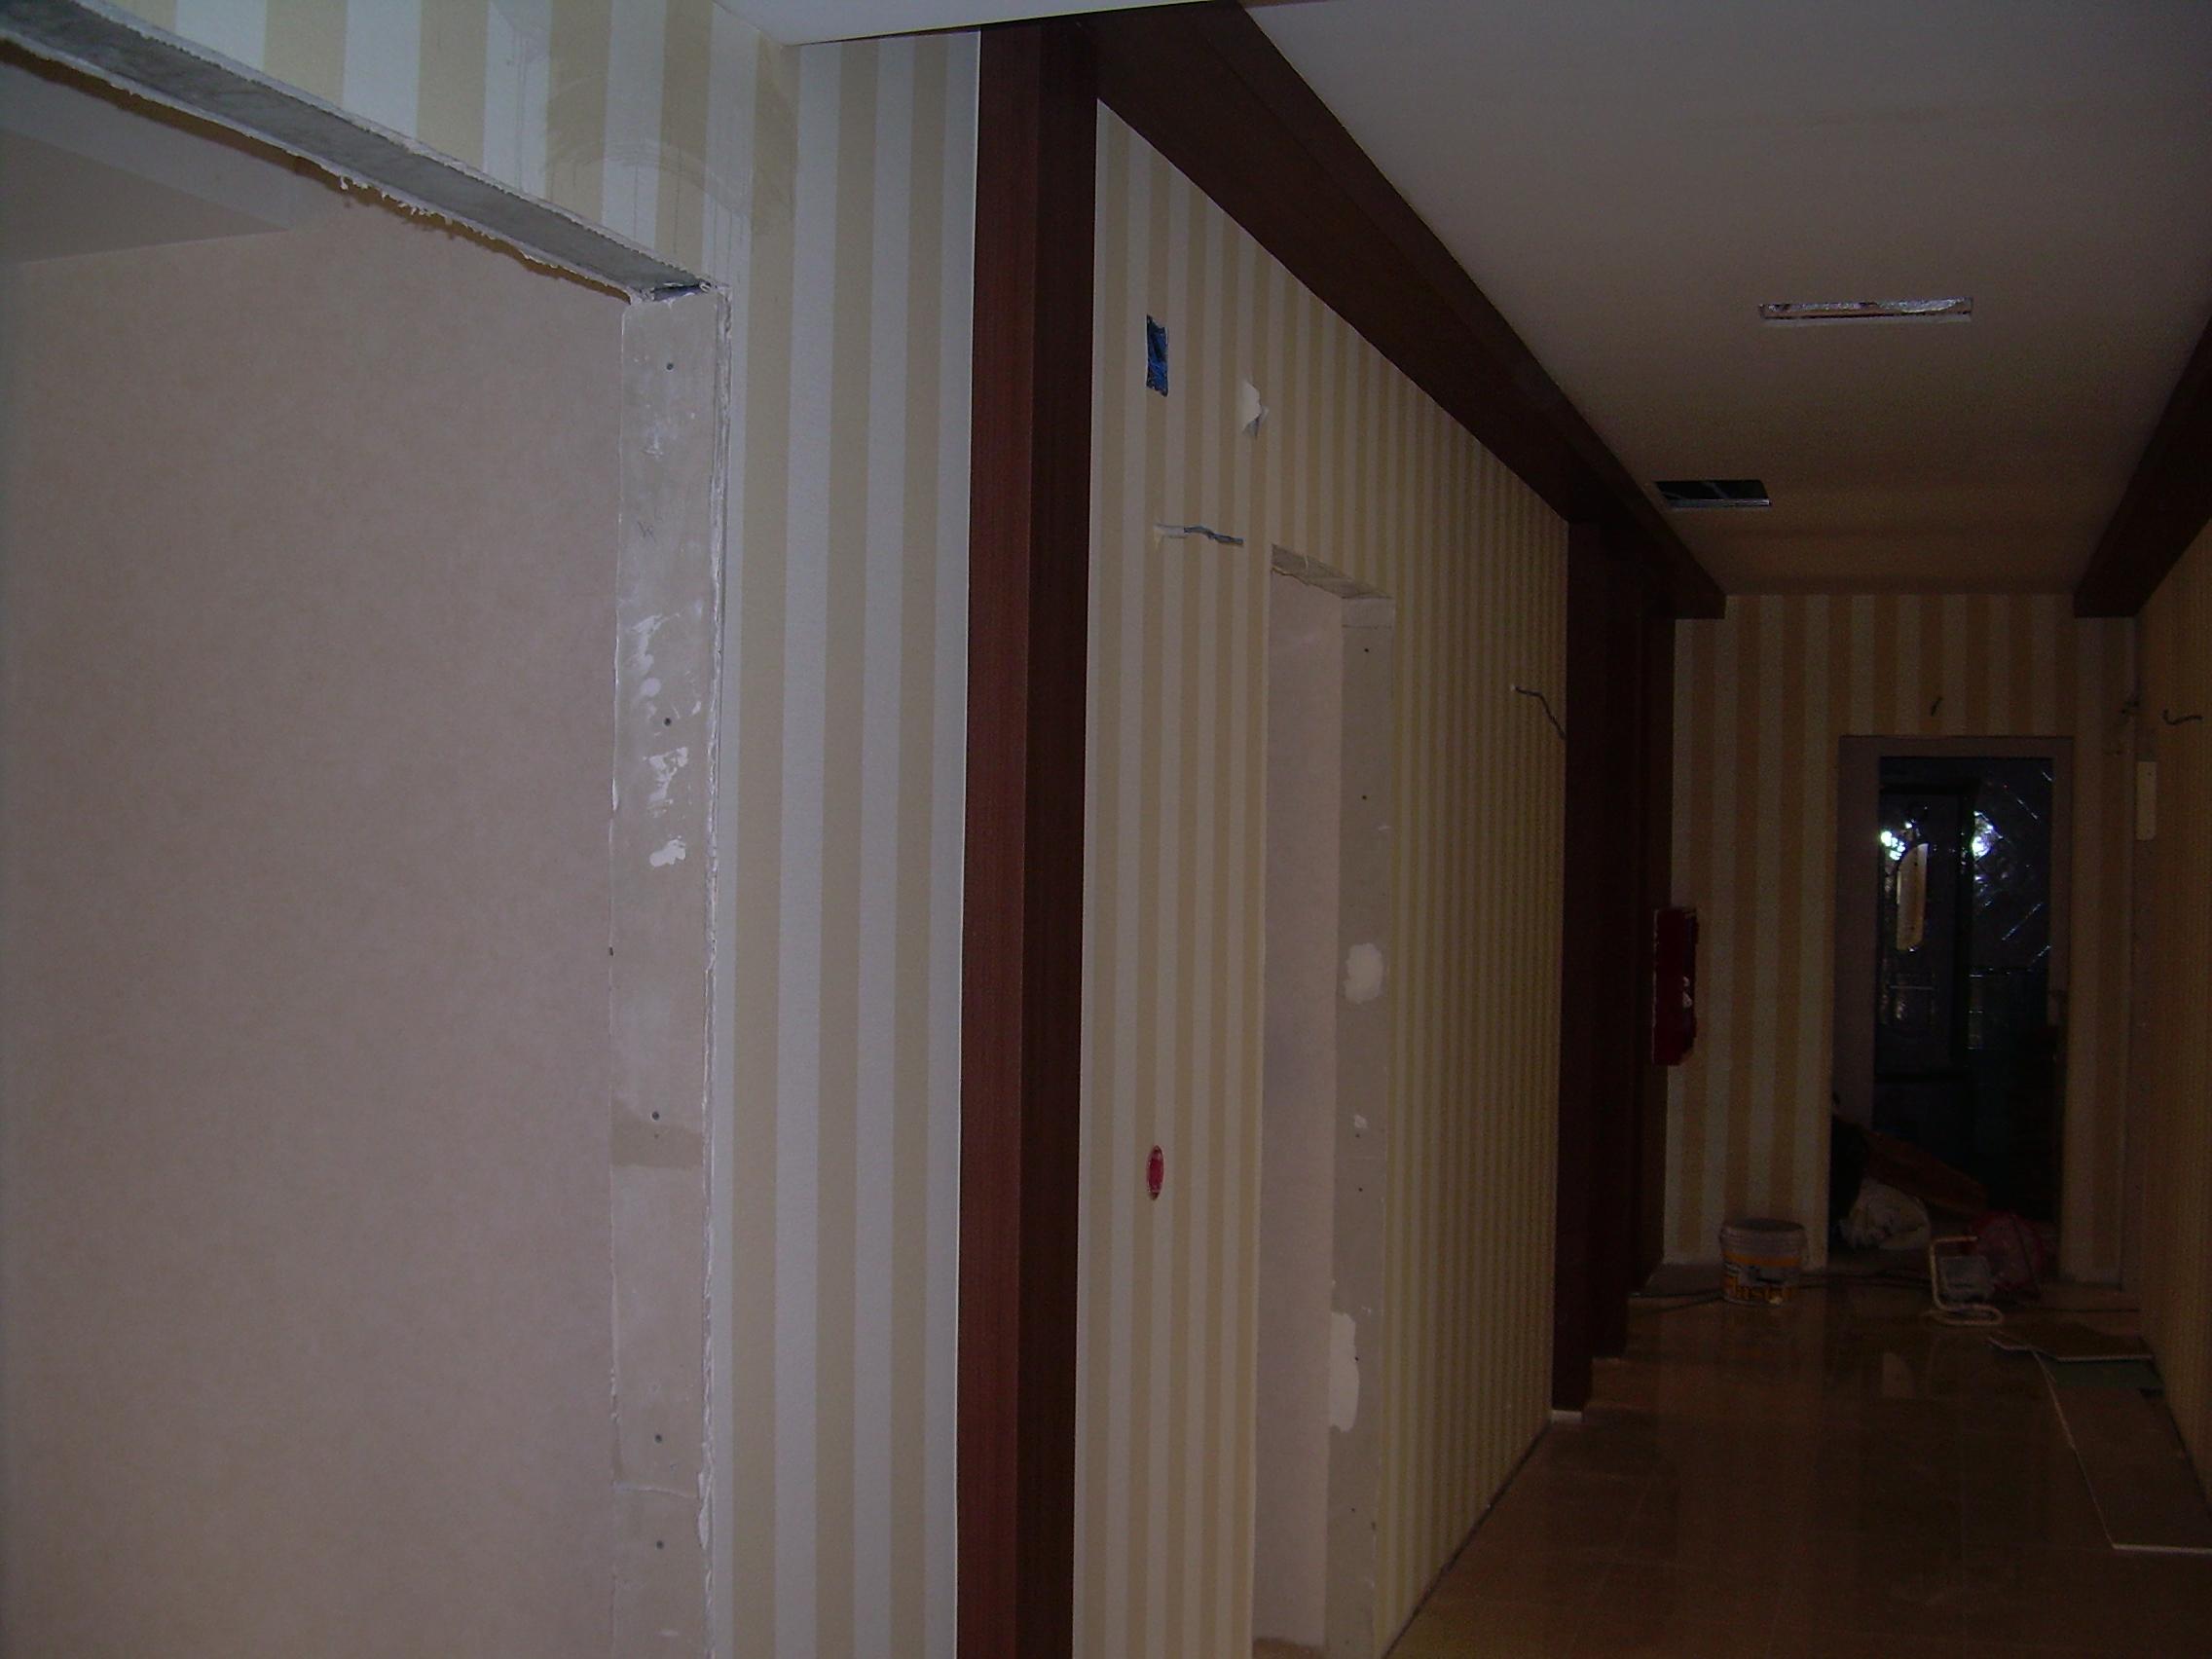 Lucrari de amenajare interioare cu tapet  - Poza 81